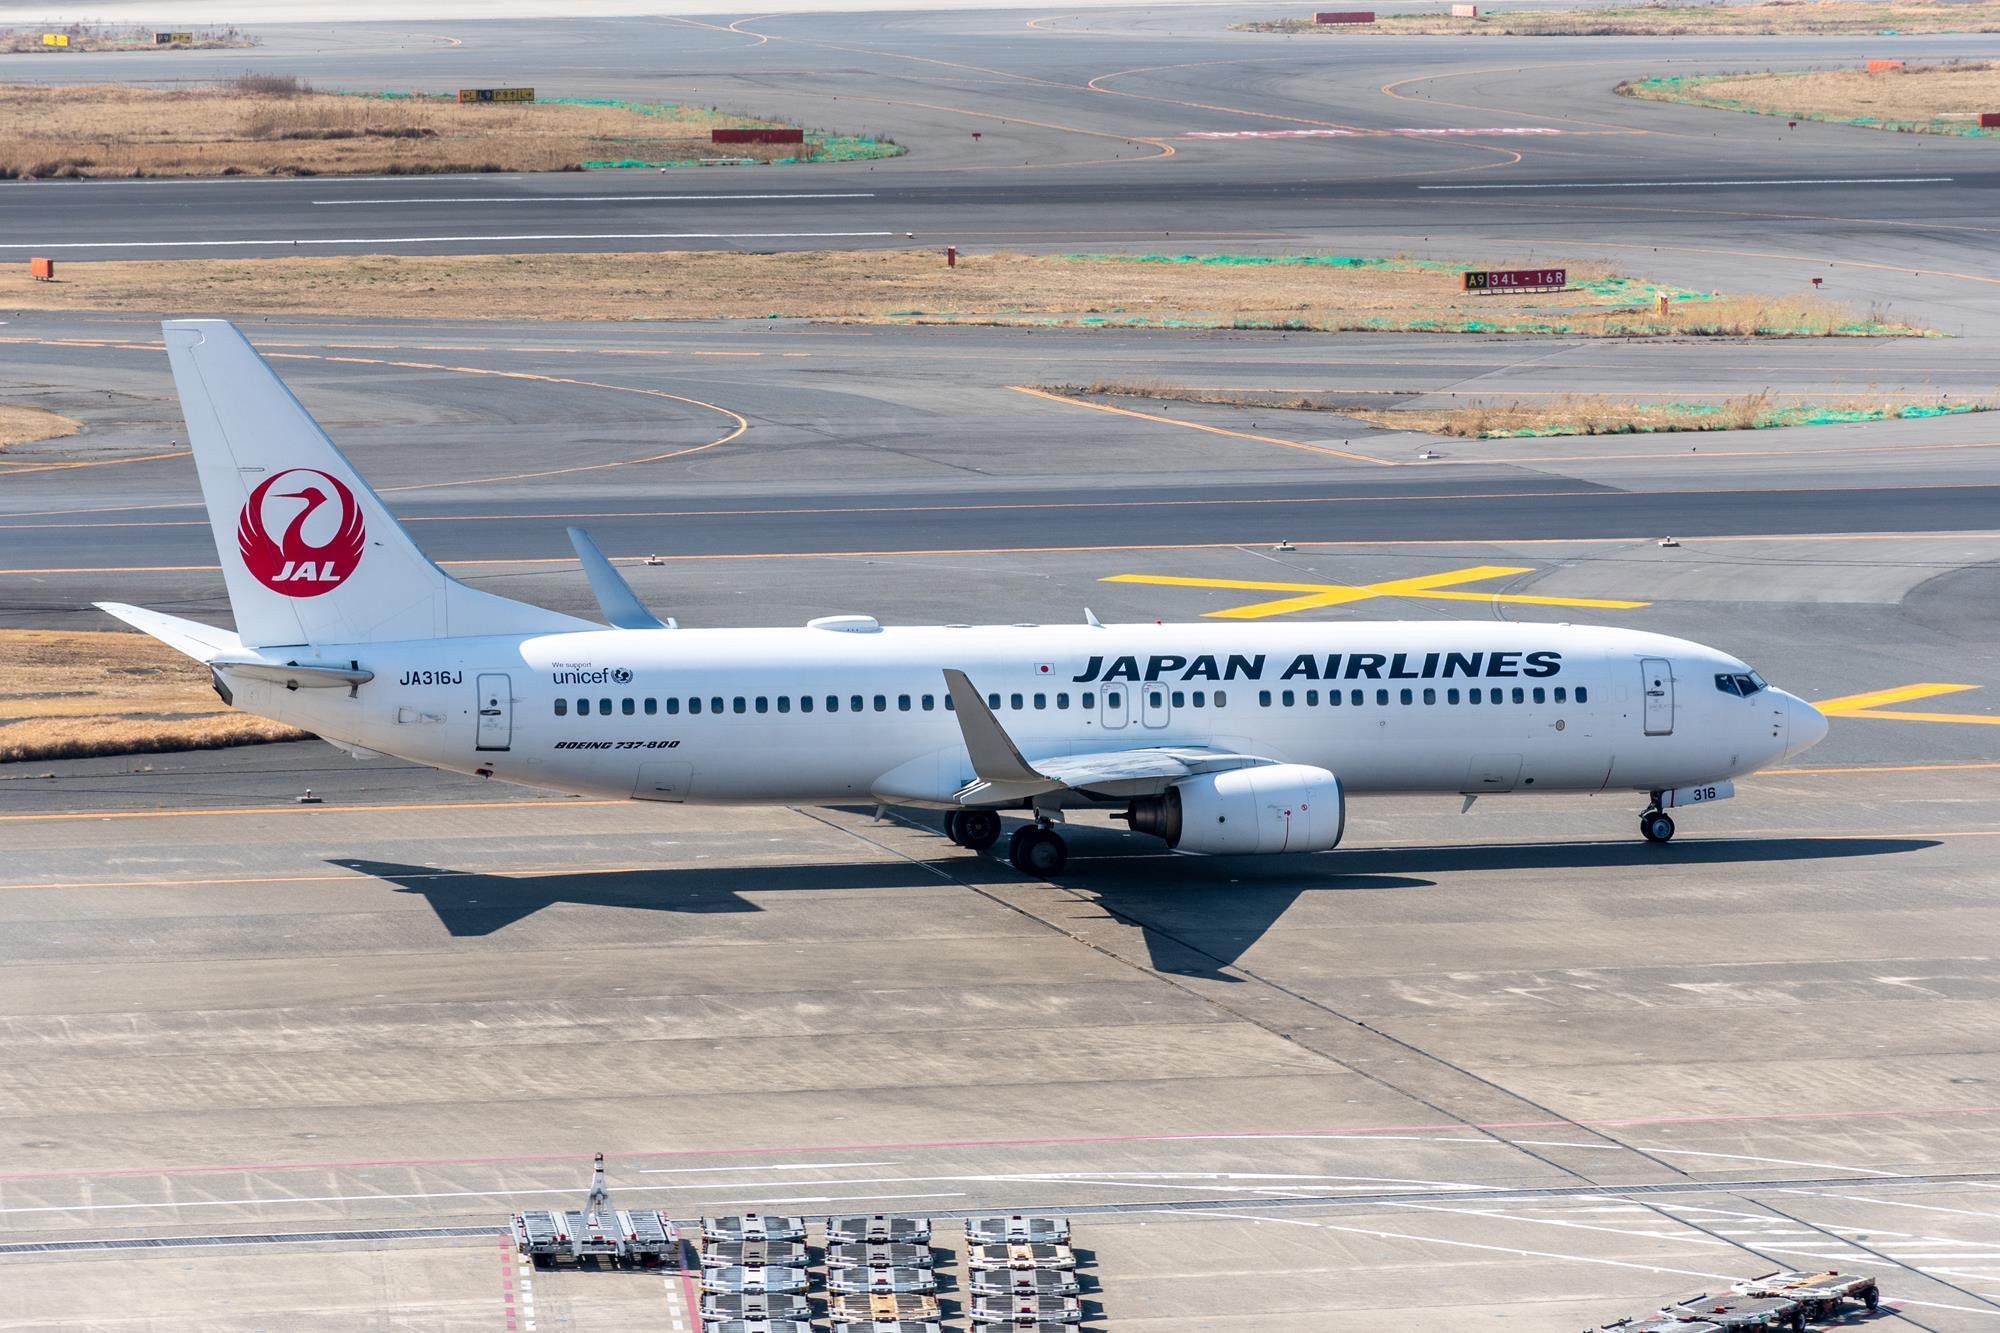 81282_20210222_japan_airlines_boeing_737_ja316j_735202 (1)